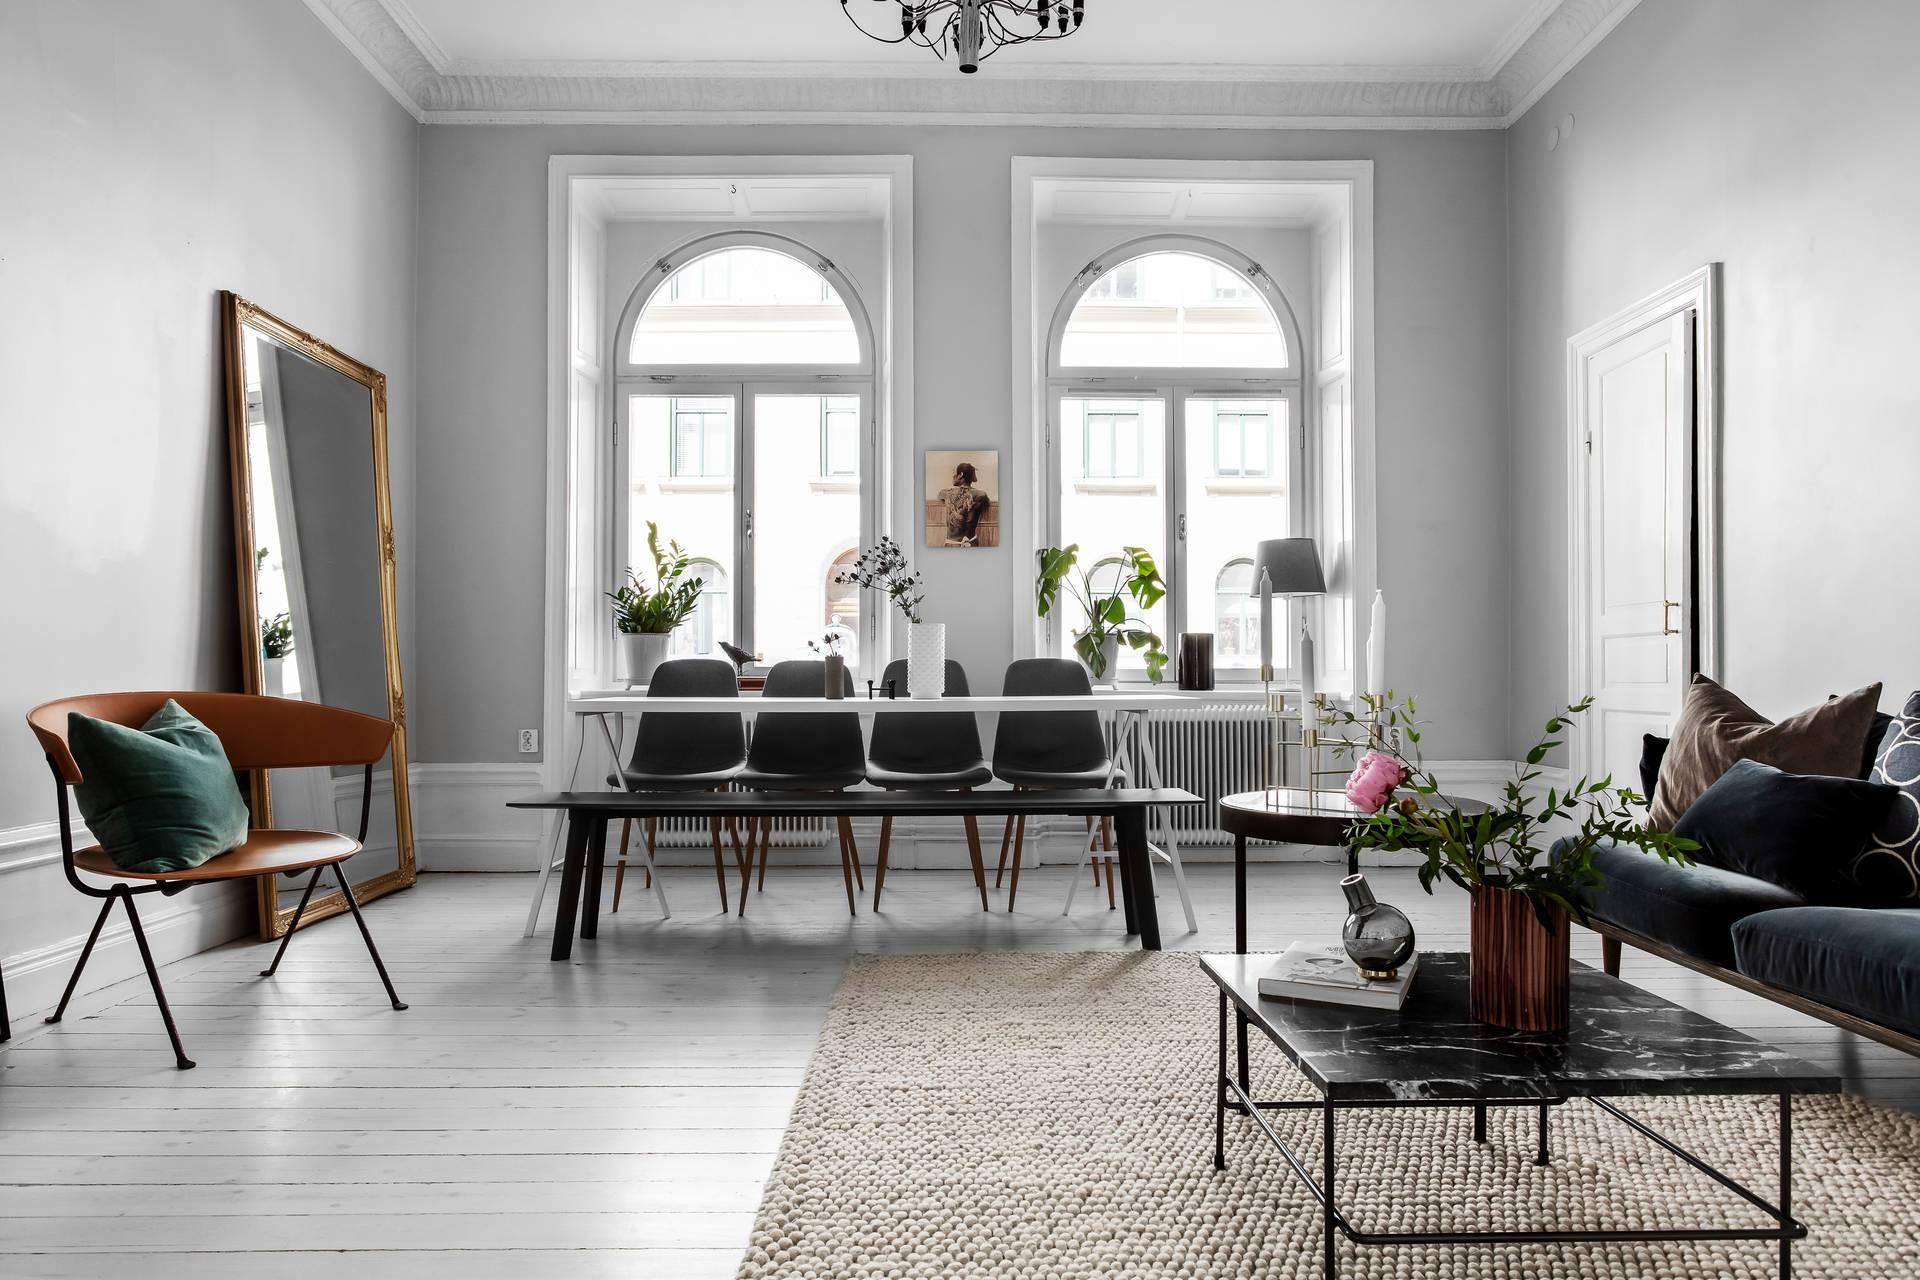 Как расставить стулья в обеденной зоне: 6 стильных примеров